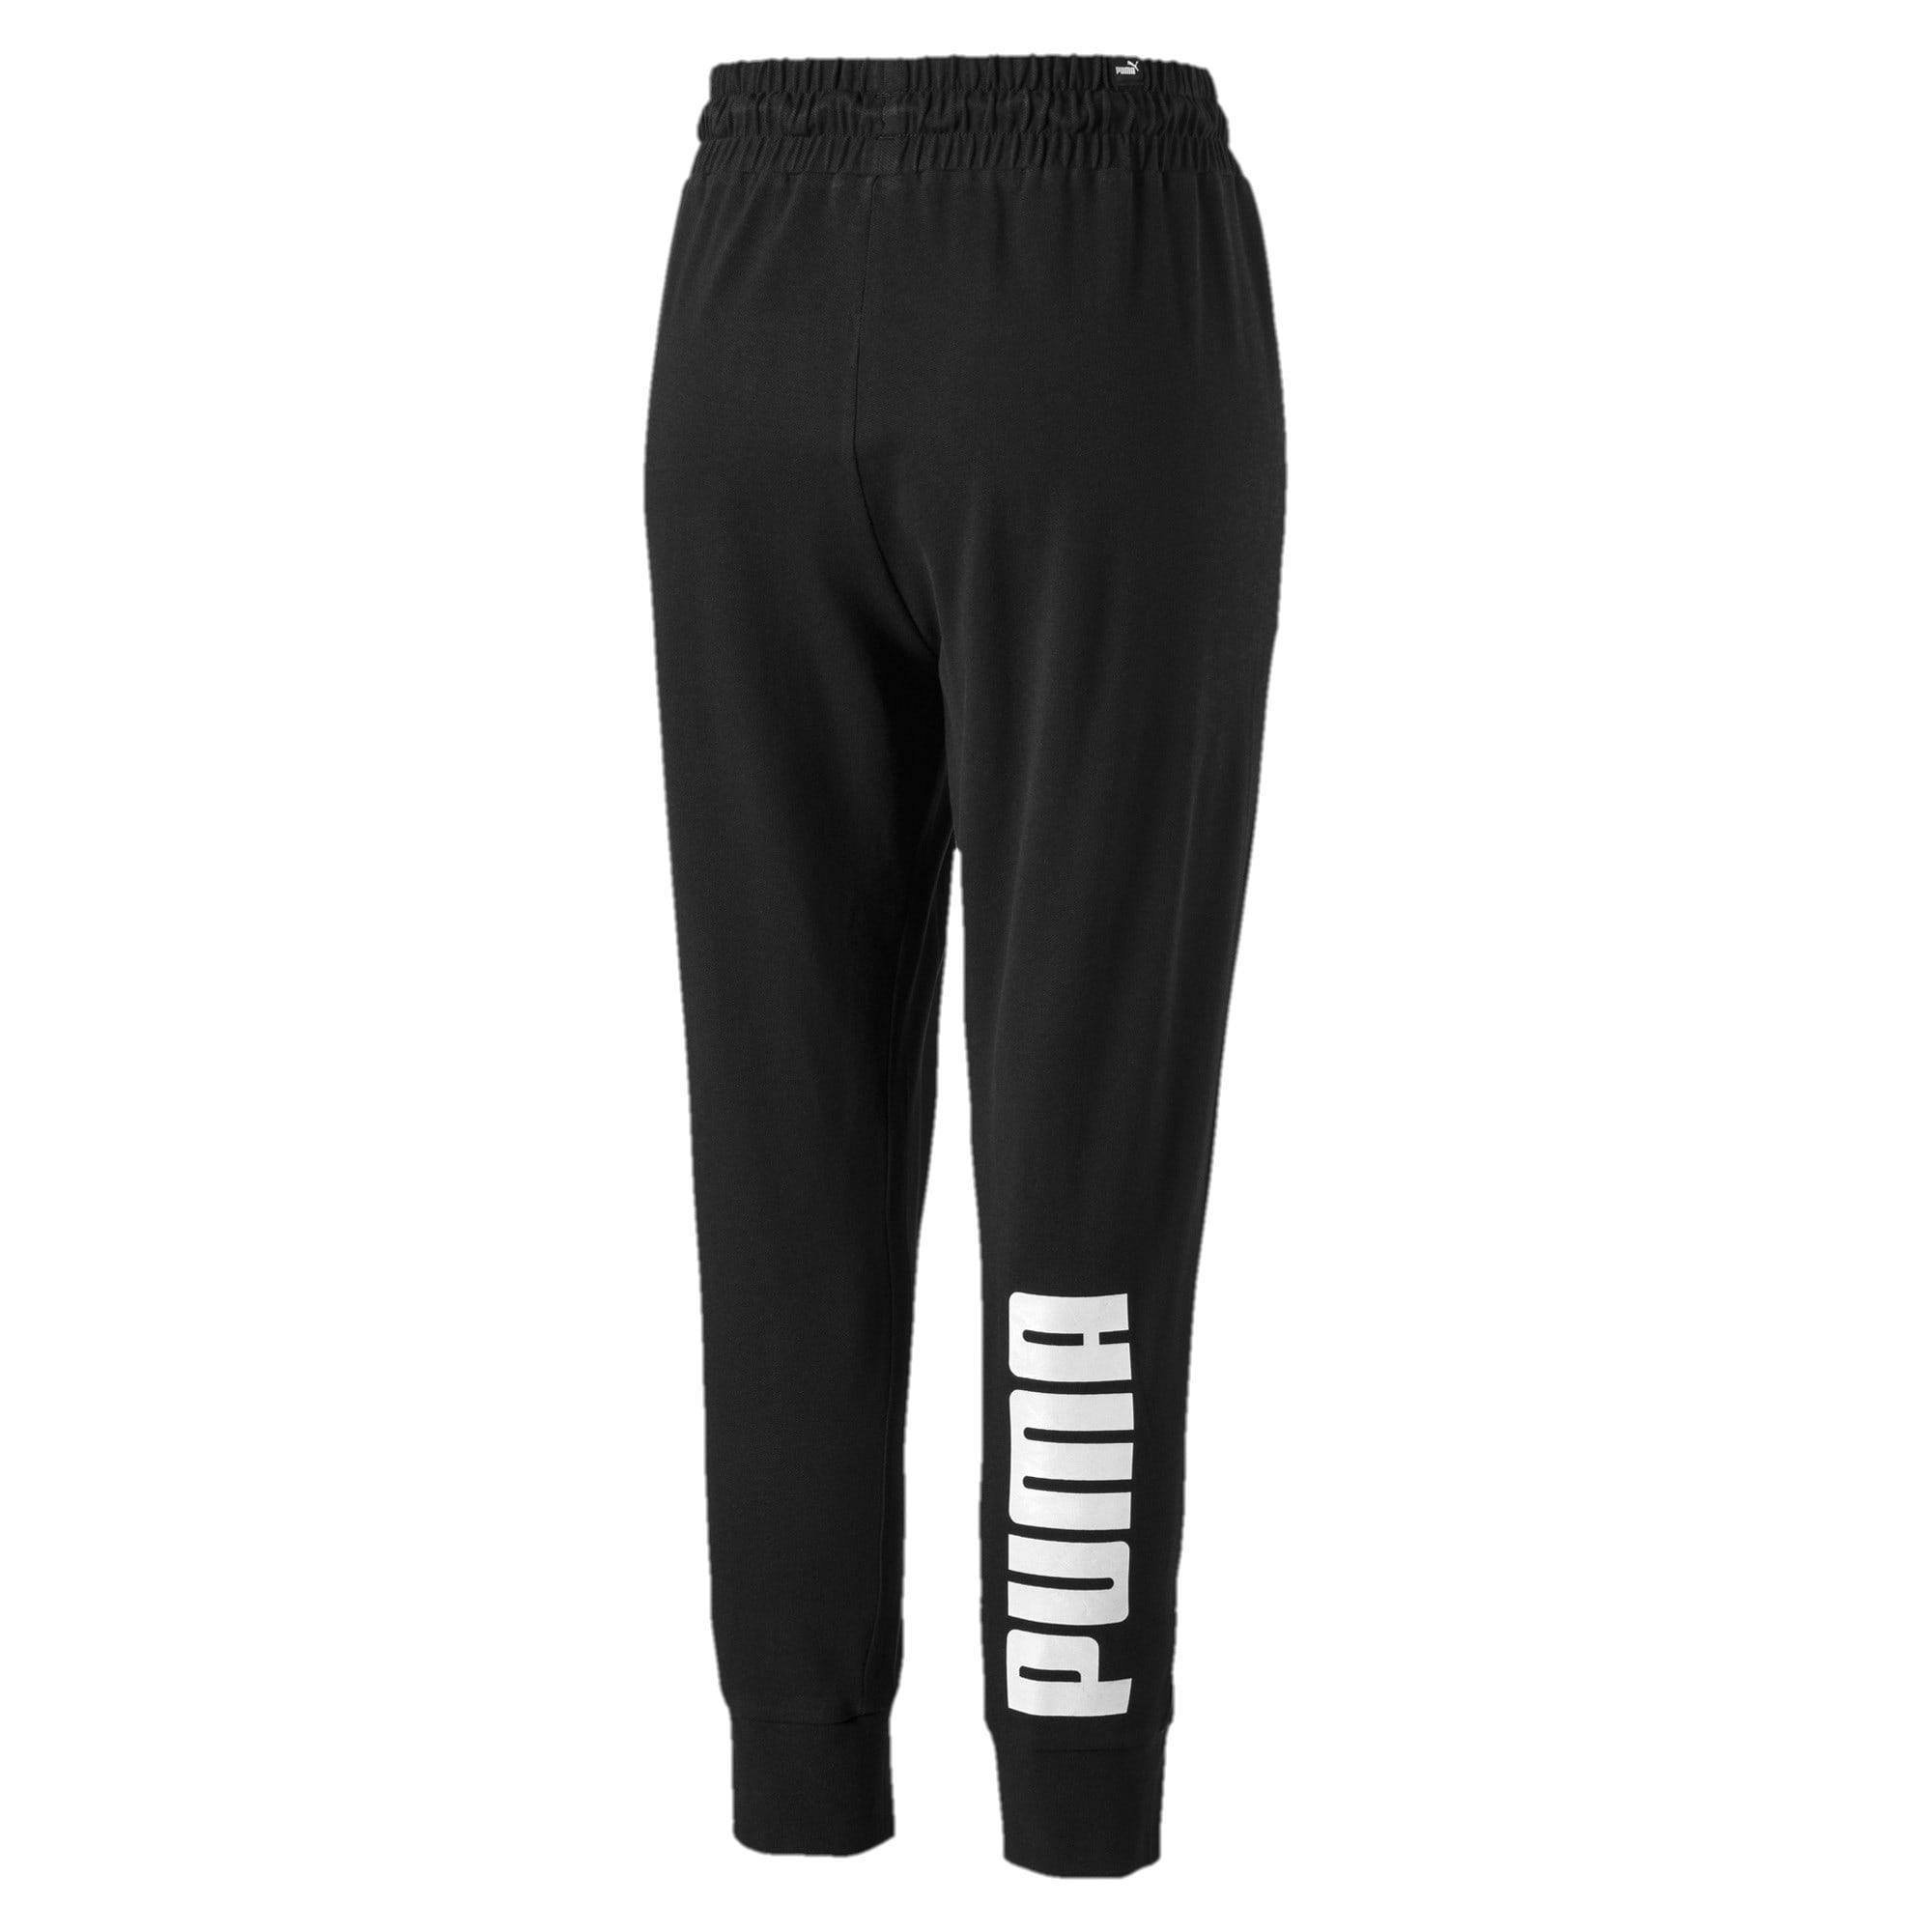 Miniatura 3 de Pantalones de verano para mujer, Cotton Black, mediano